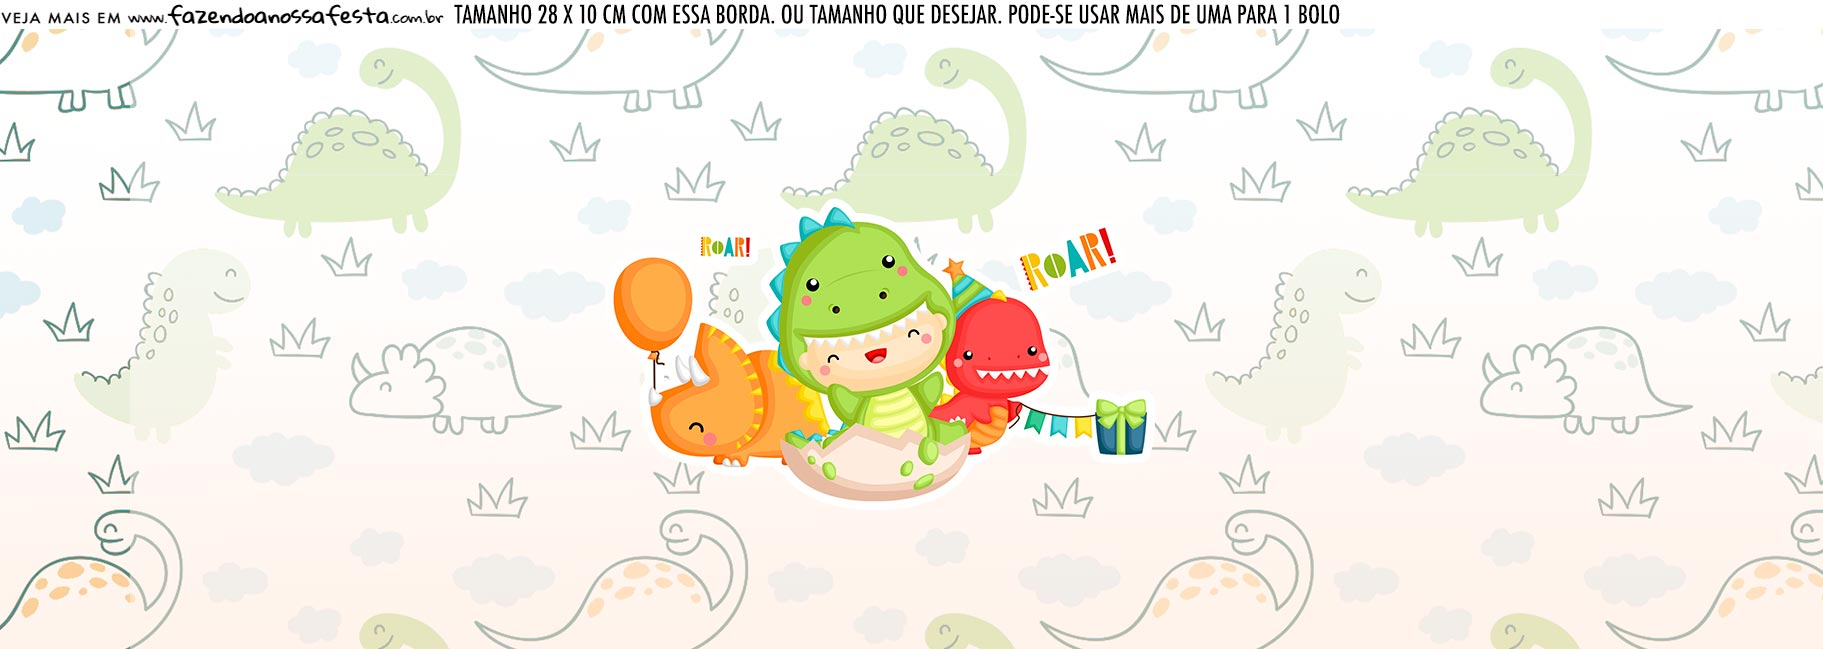 Saia Lateral de Bolo Dinossauro Baby